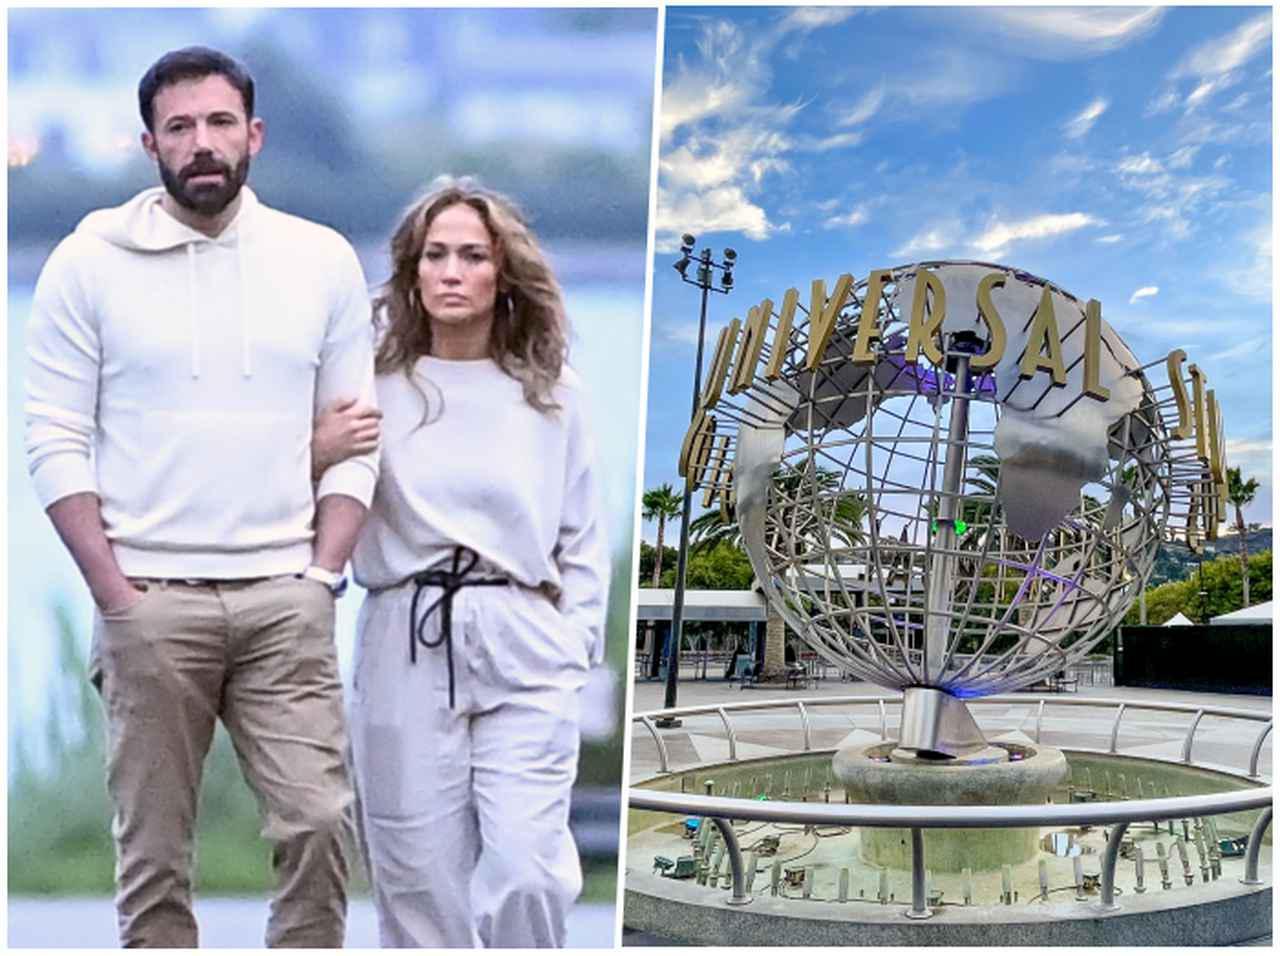 画像: ジェニファー・ロペス&ベン・アフレック、ユニバで「子連れデート」を楽しむ - フロントロウ -海外セレブ&海外カルチャー情報を発信